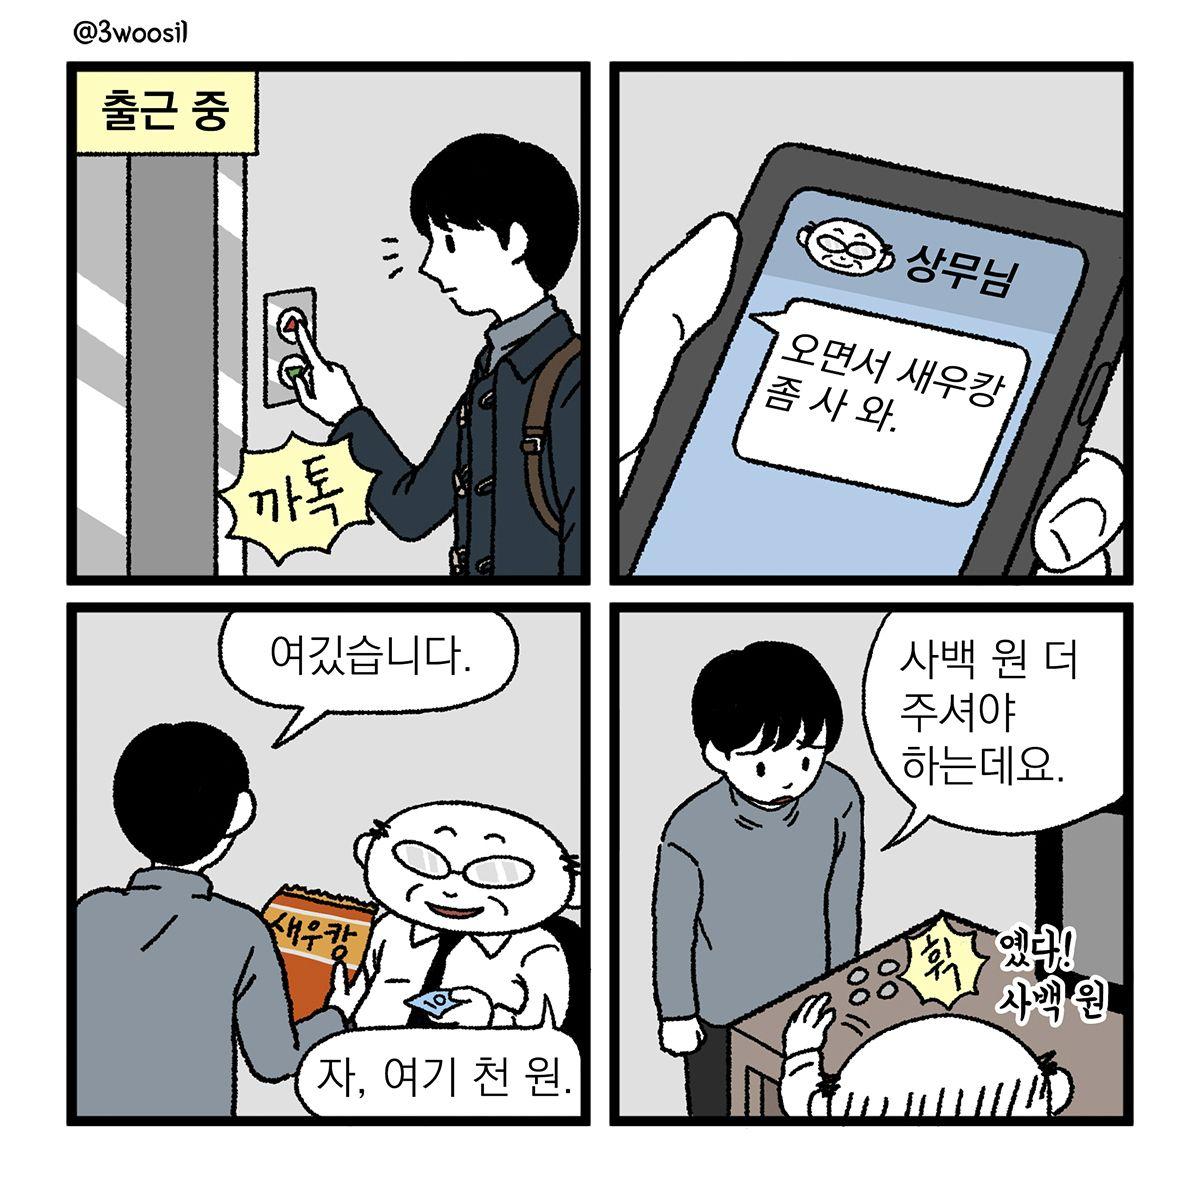 [직장만화] 삼우실 한컷: 과자